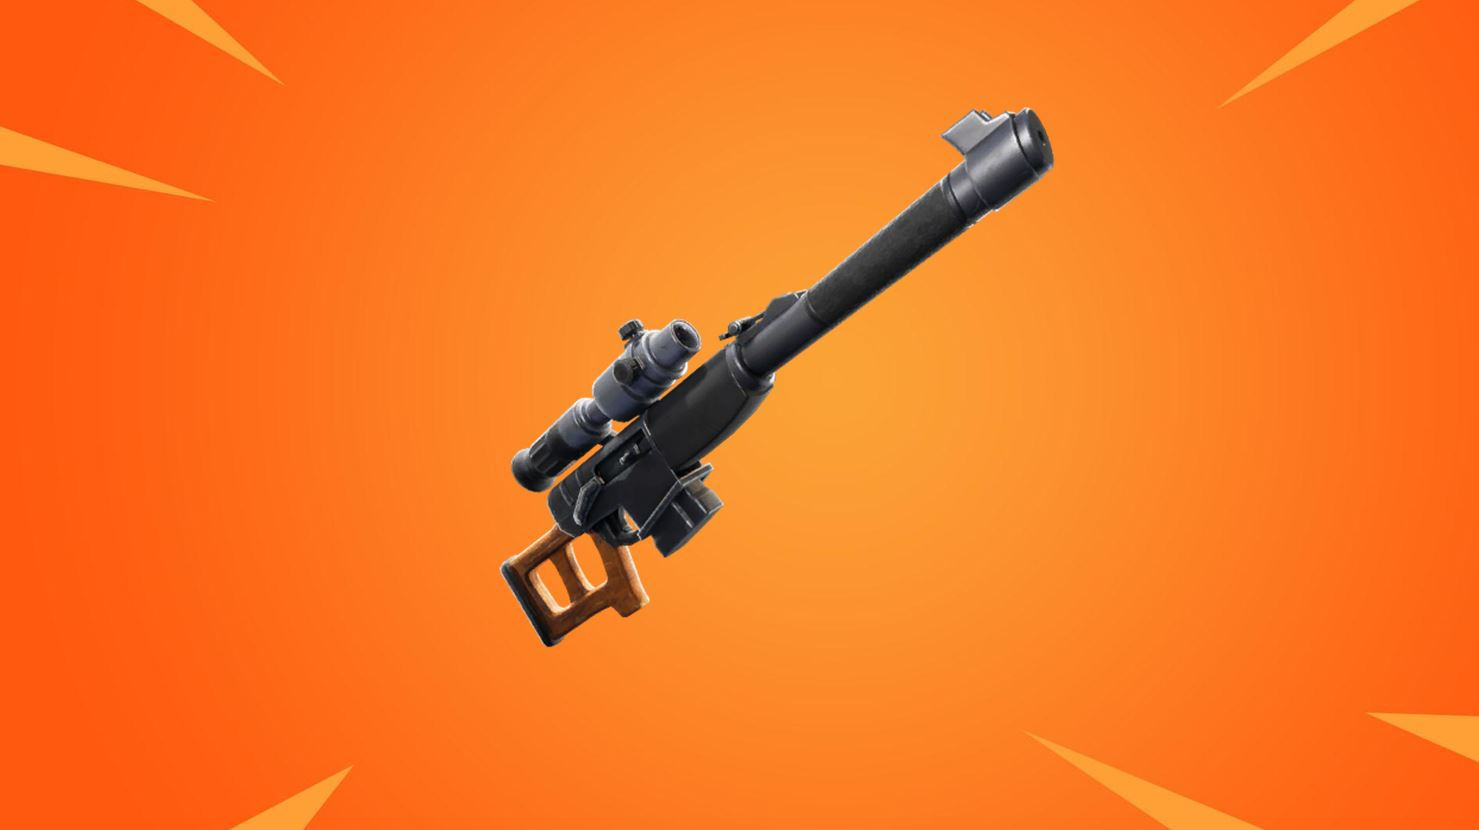 Fortnite Automatic Sniper rifle